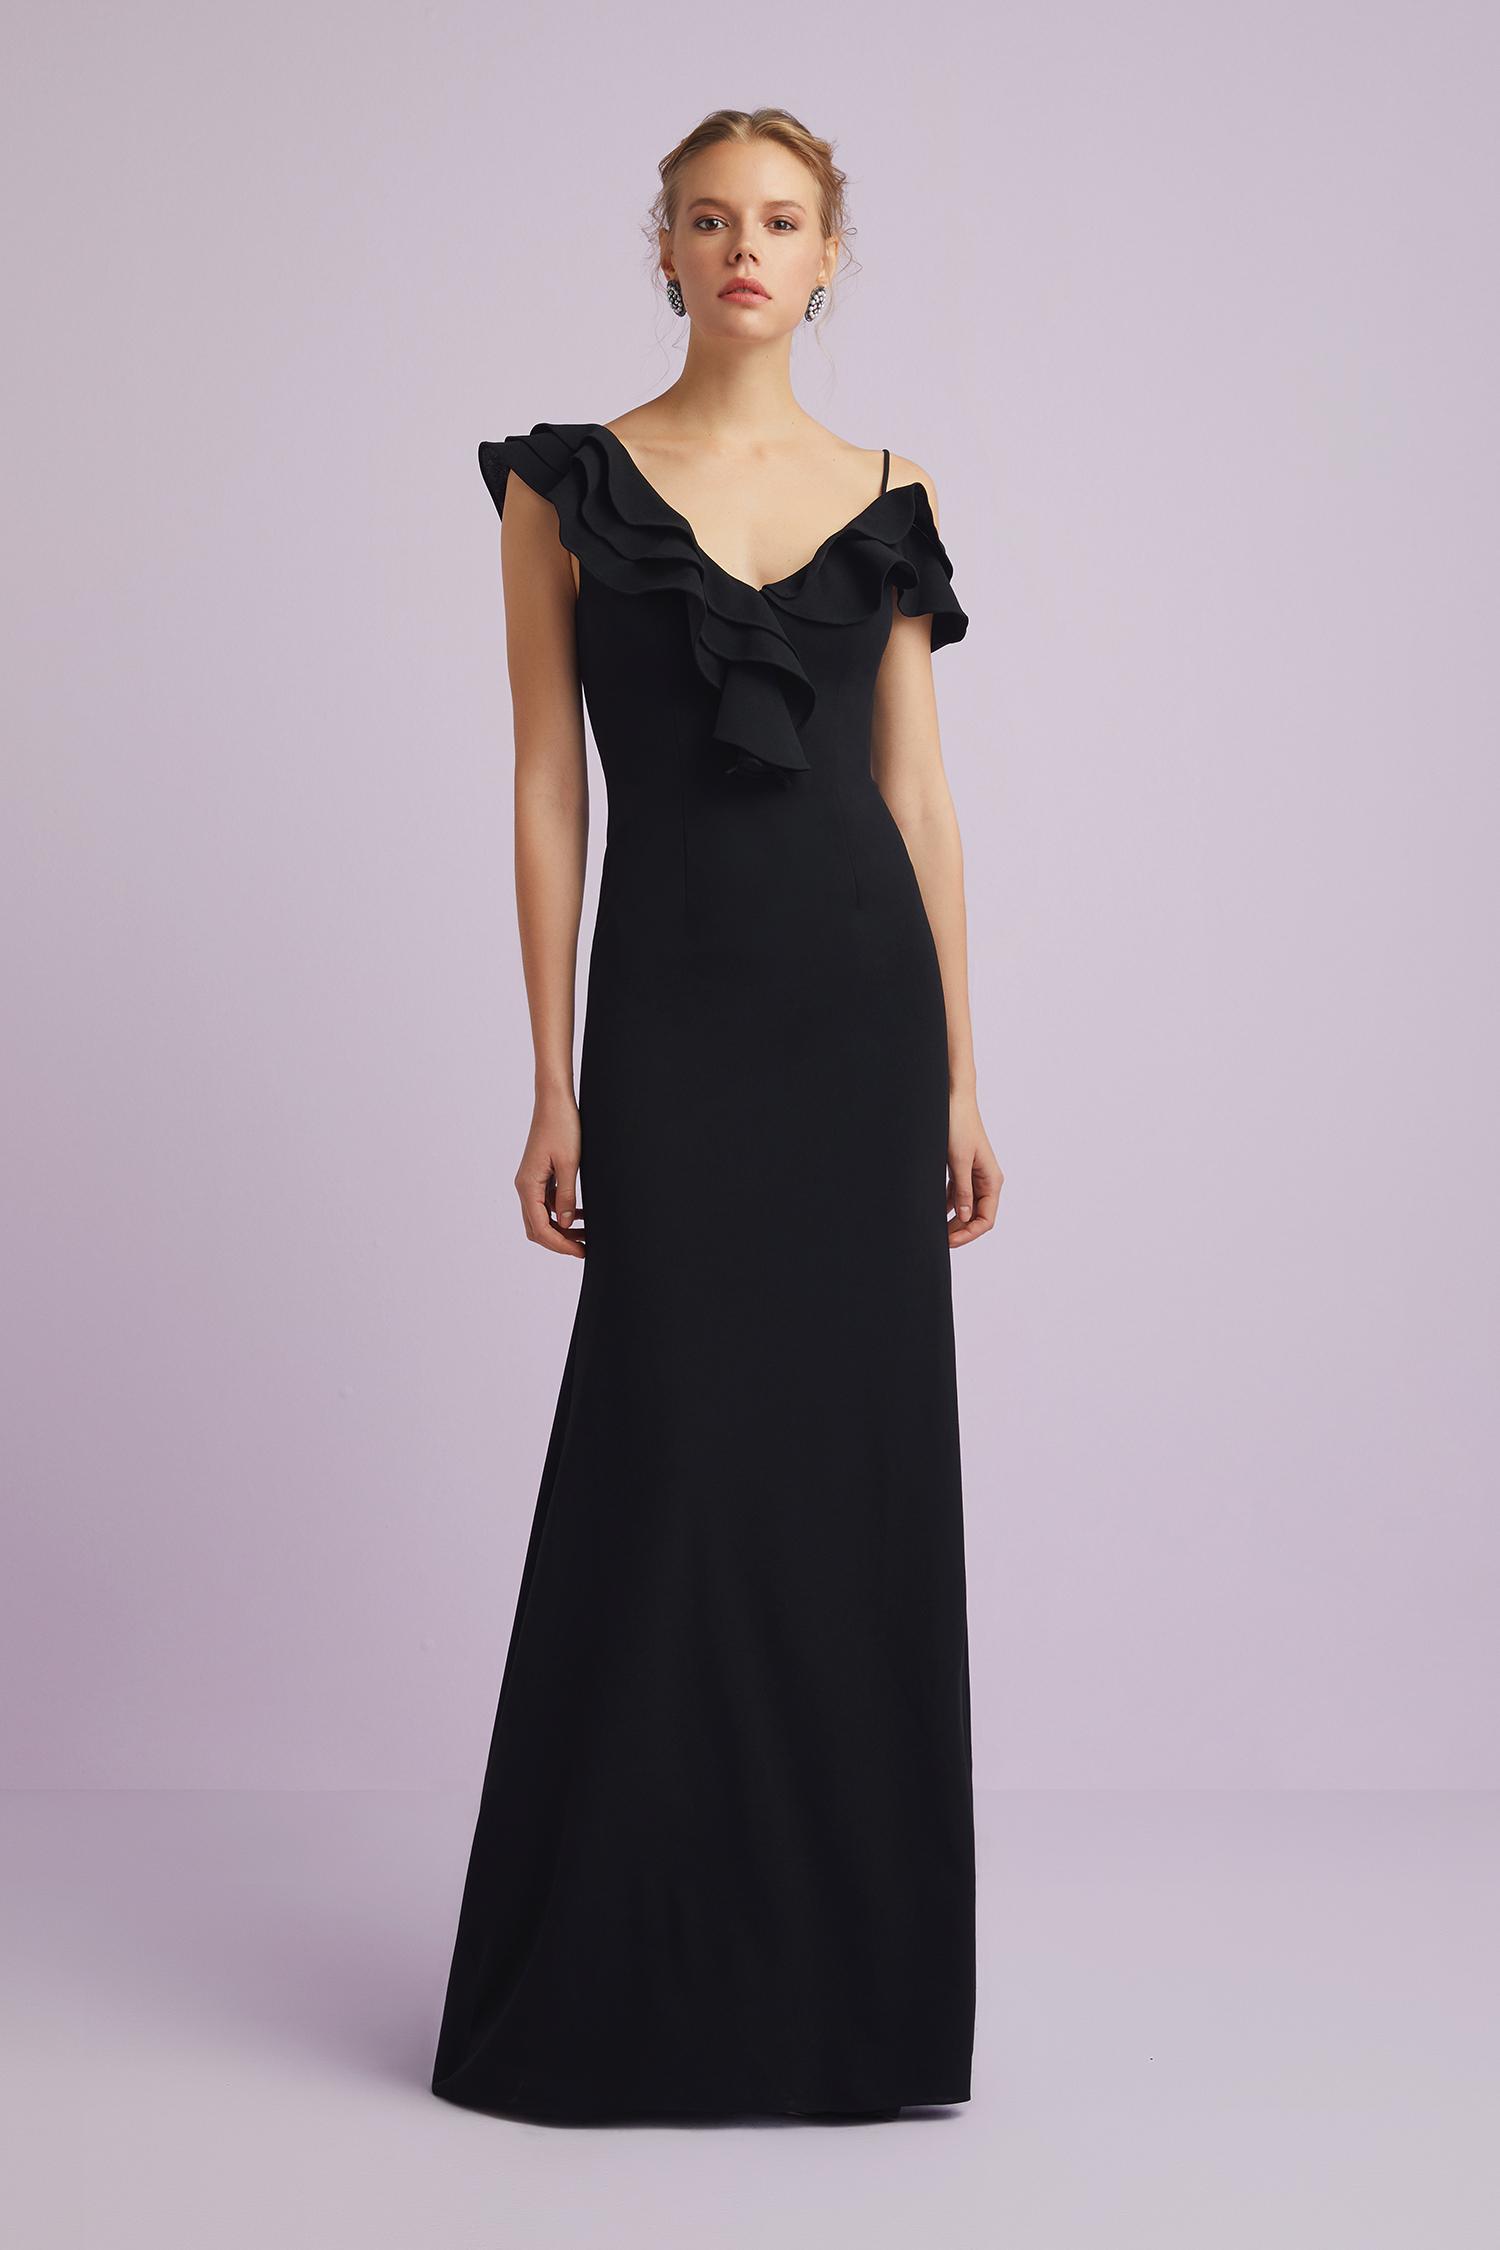 Siyah Askılı Kolları Fırfırlı Abiye Elbise